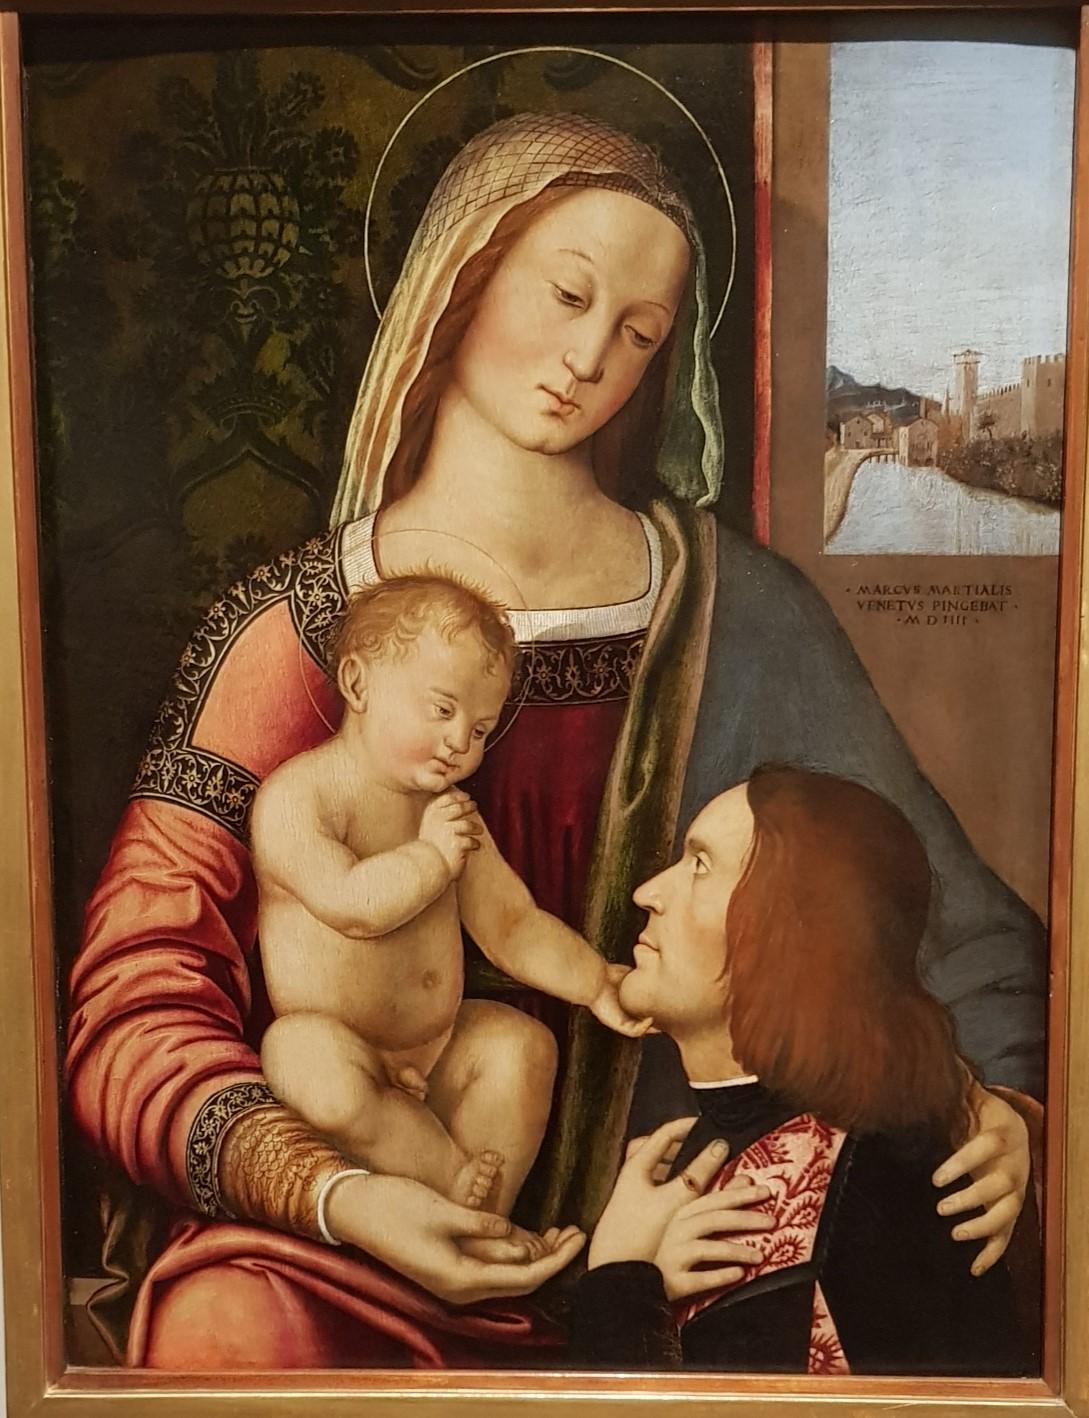 VD 1504 Marziale Marco, Madonna con Bambino e donatore Accademia Carrara, Bergamo